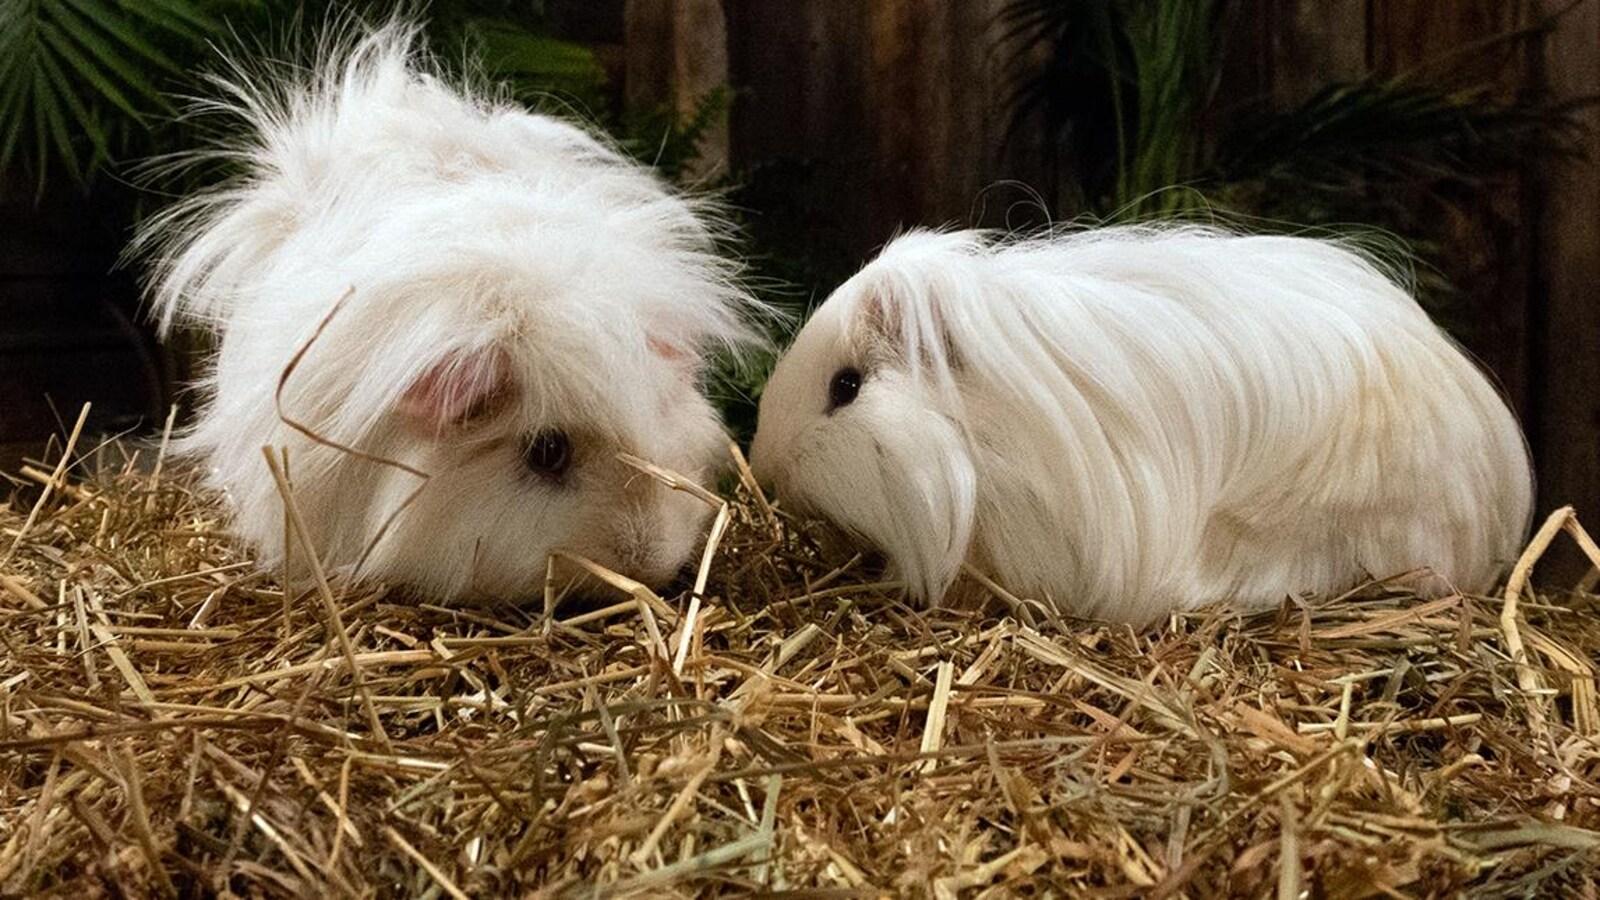 Deux cochons d'Inde sur de la paille.